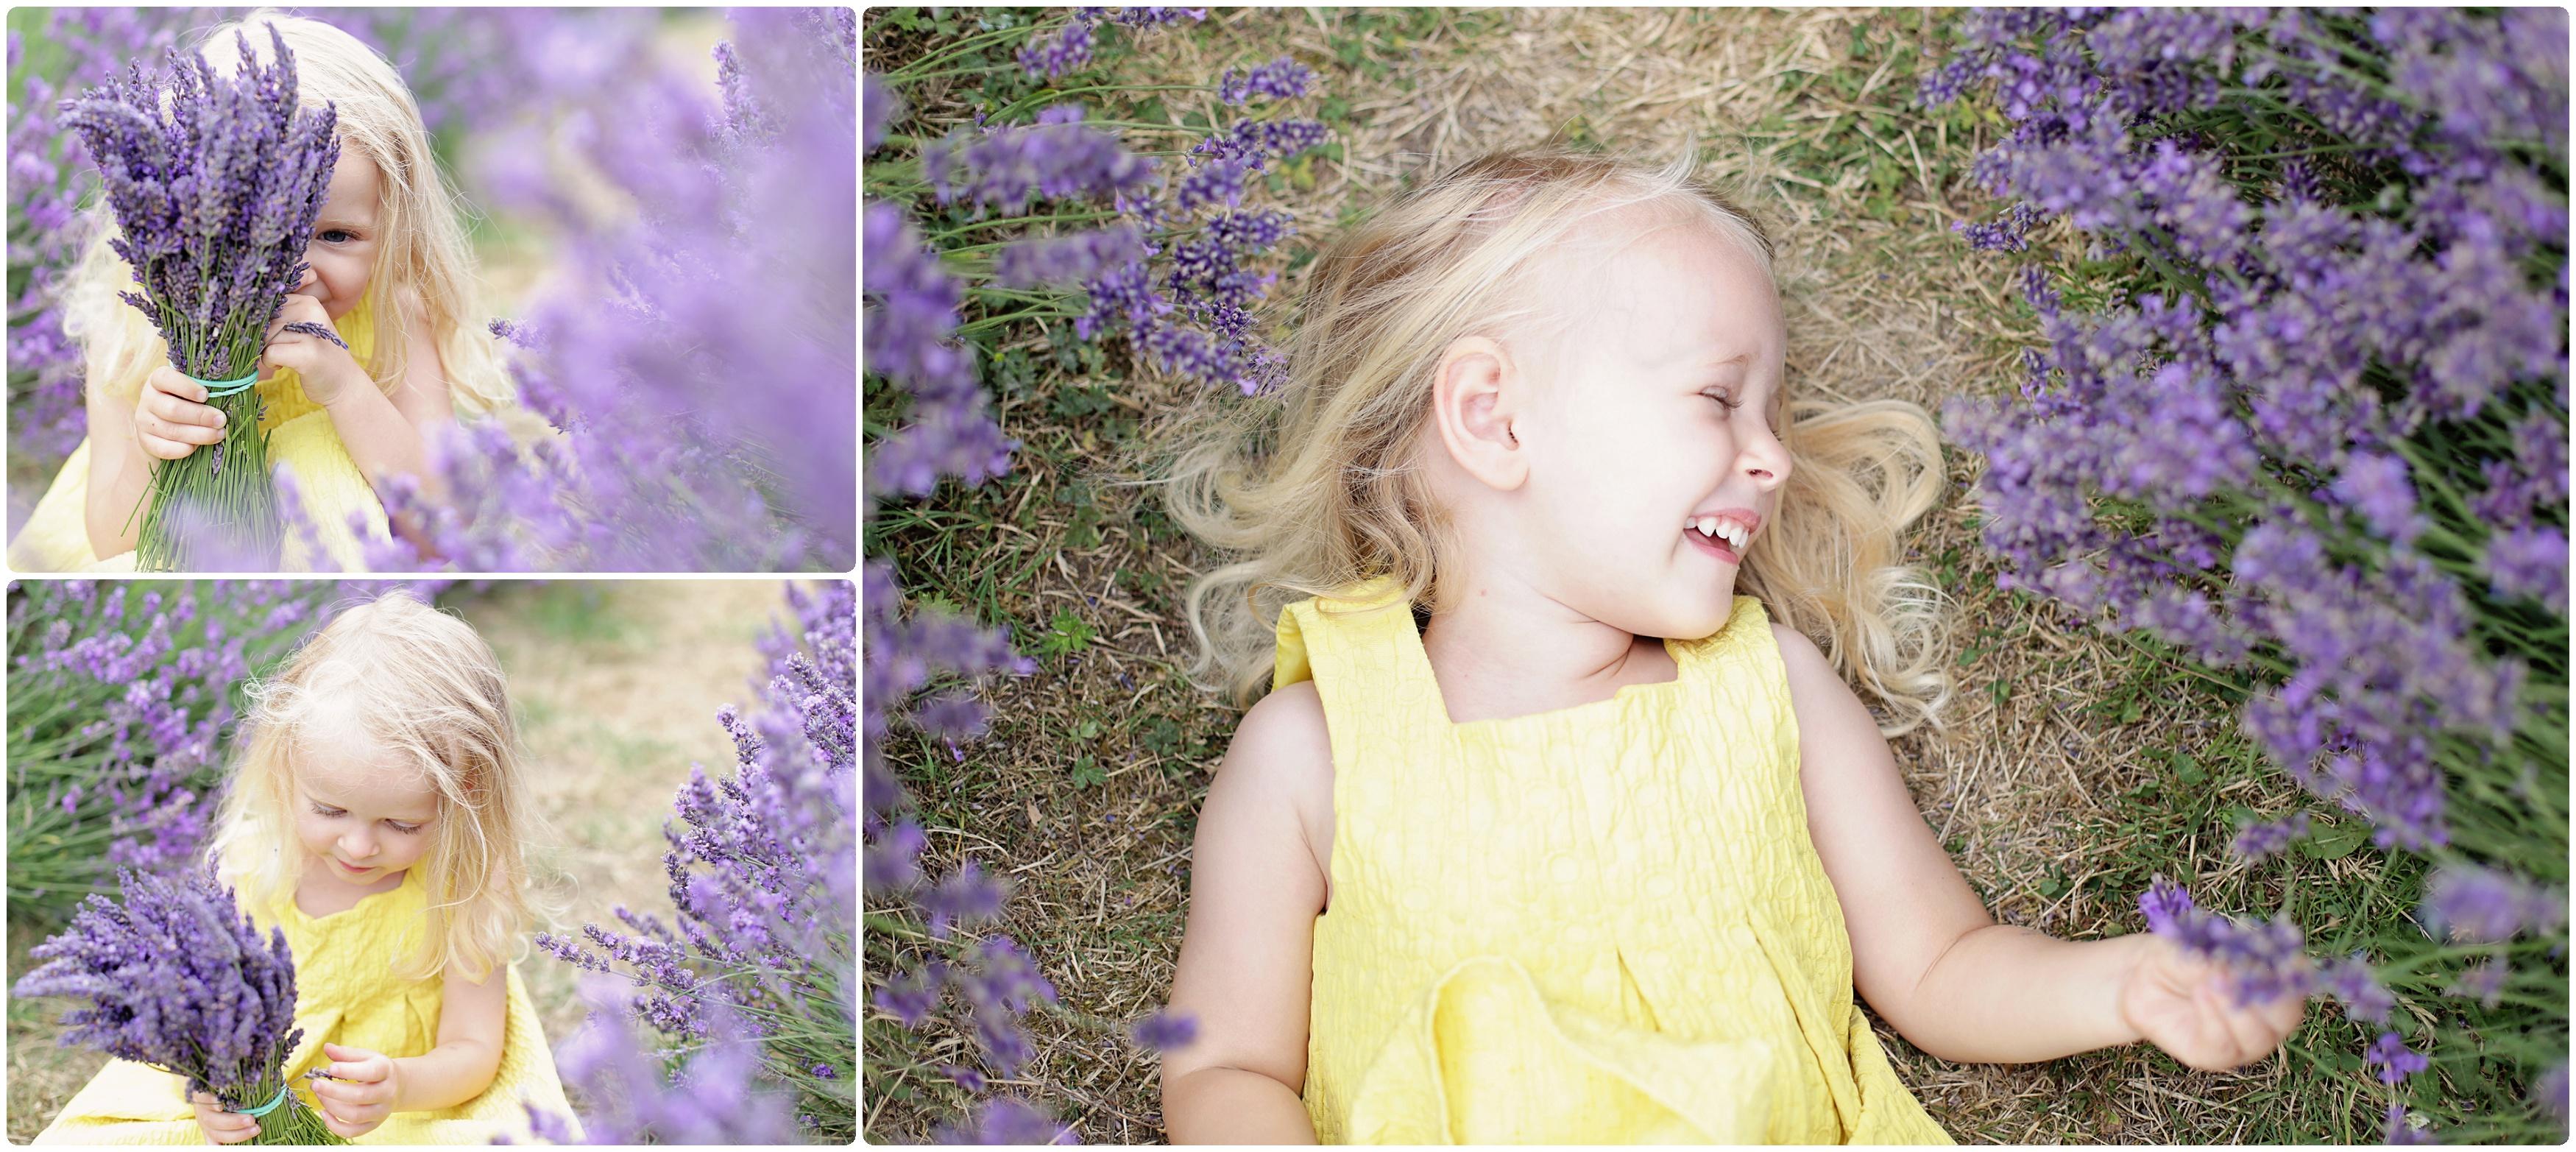 Lavender farm photo shoots